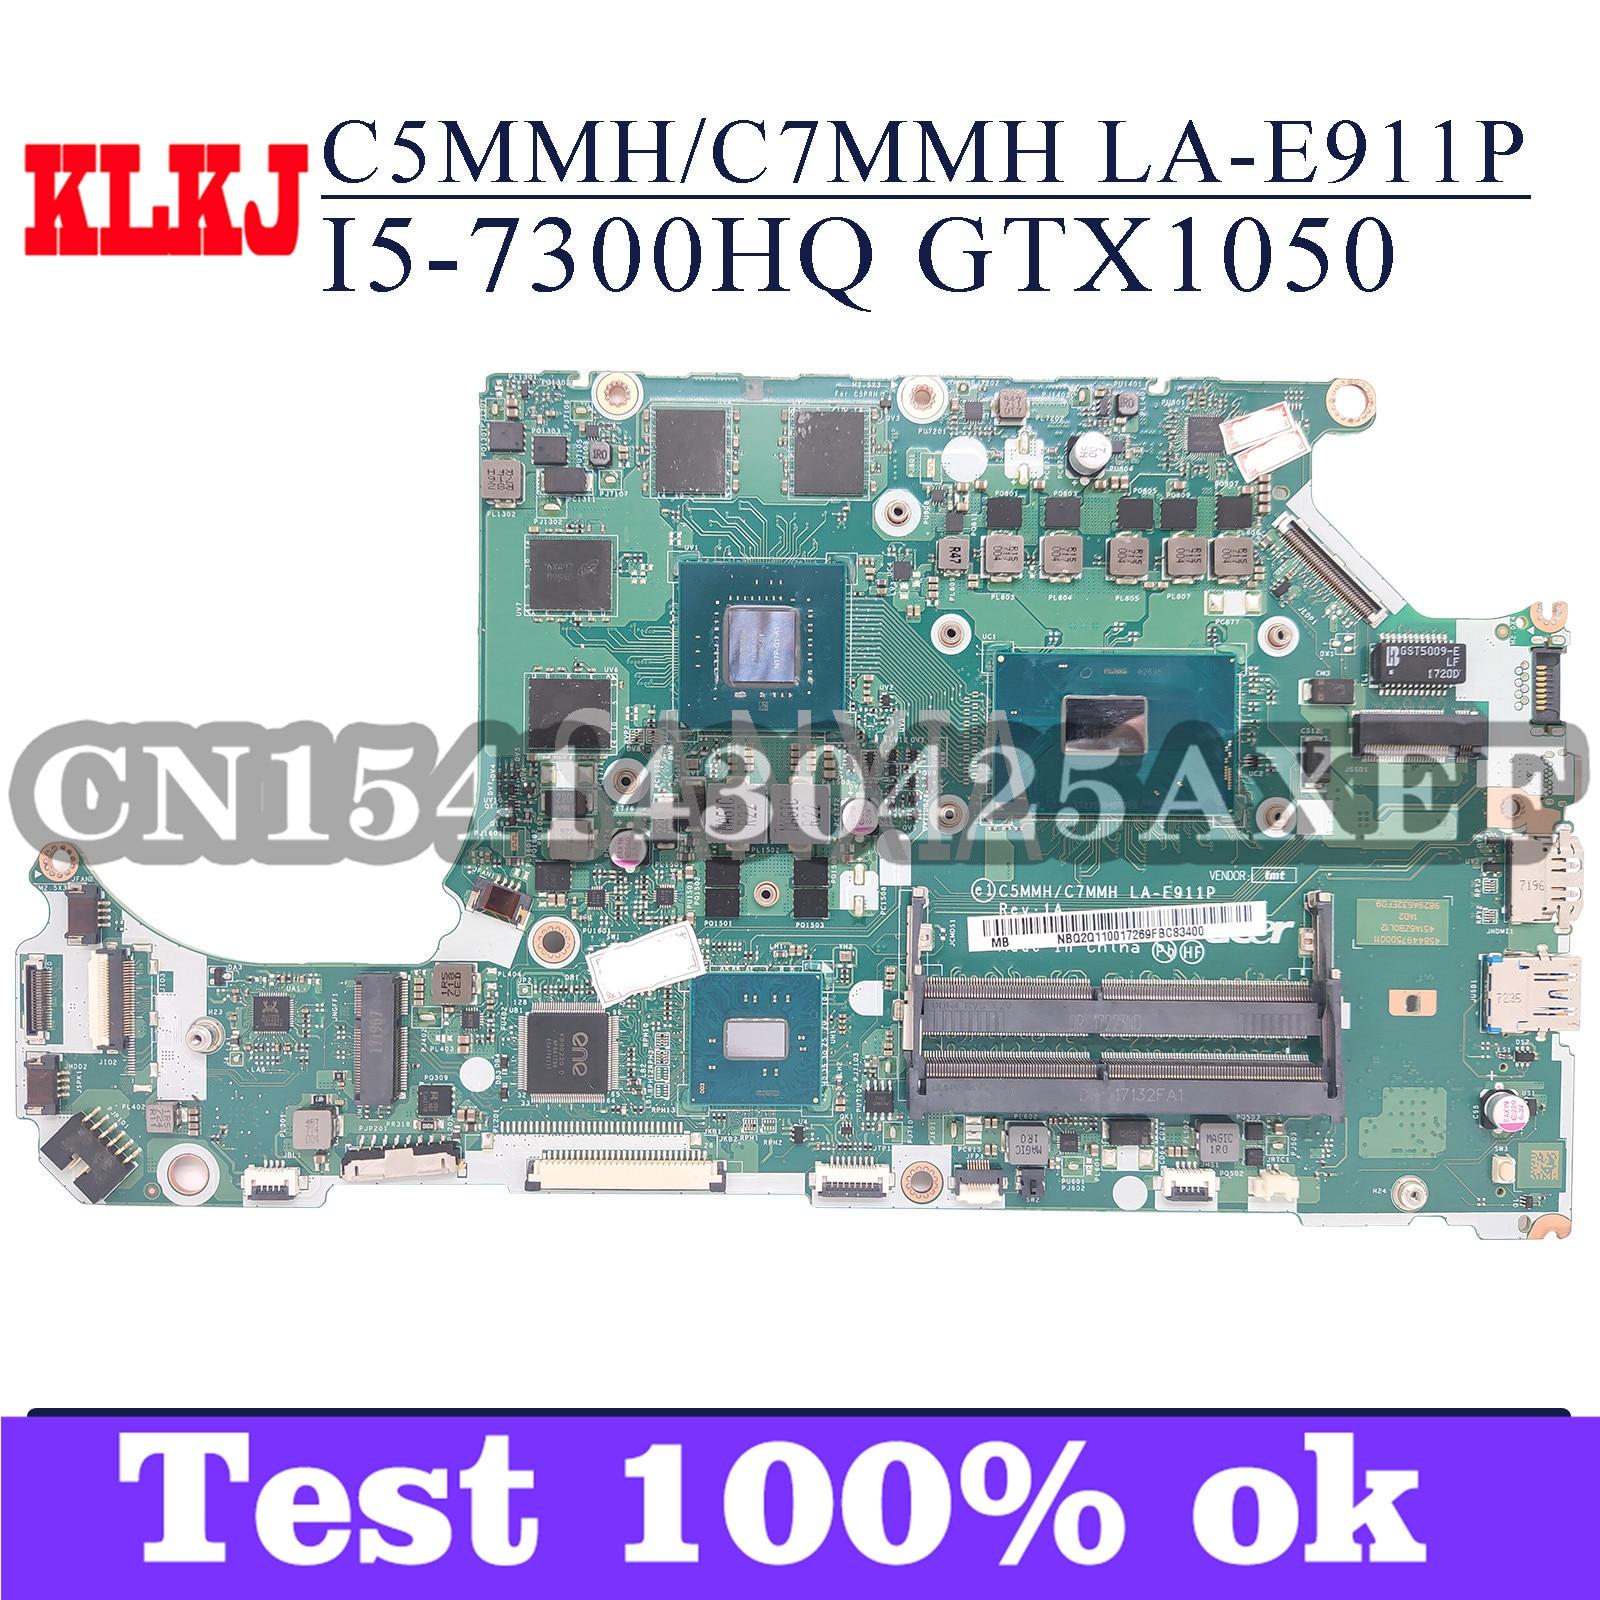 KLKJ C5MMH/C7MMH LA-E911P اللوحة لابتوب أيسر AN515-51G A715-71G اللوحة الأصلية I5-7300H GTX1050